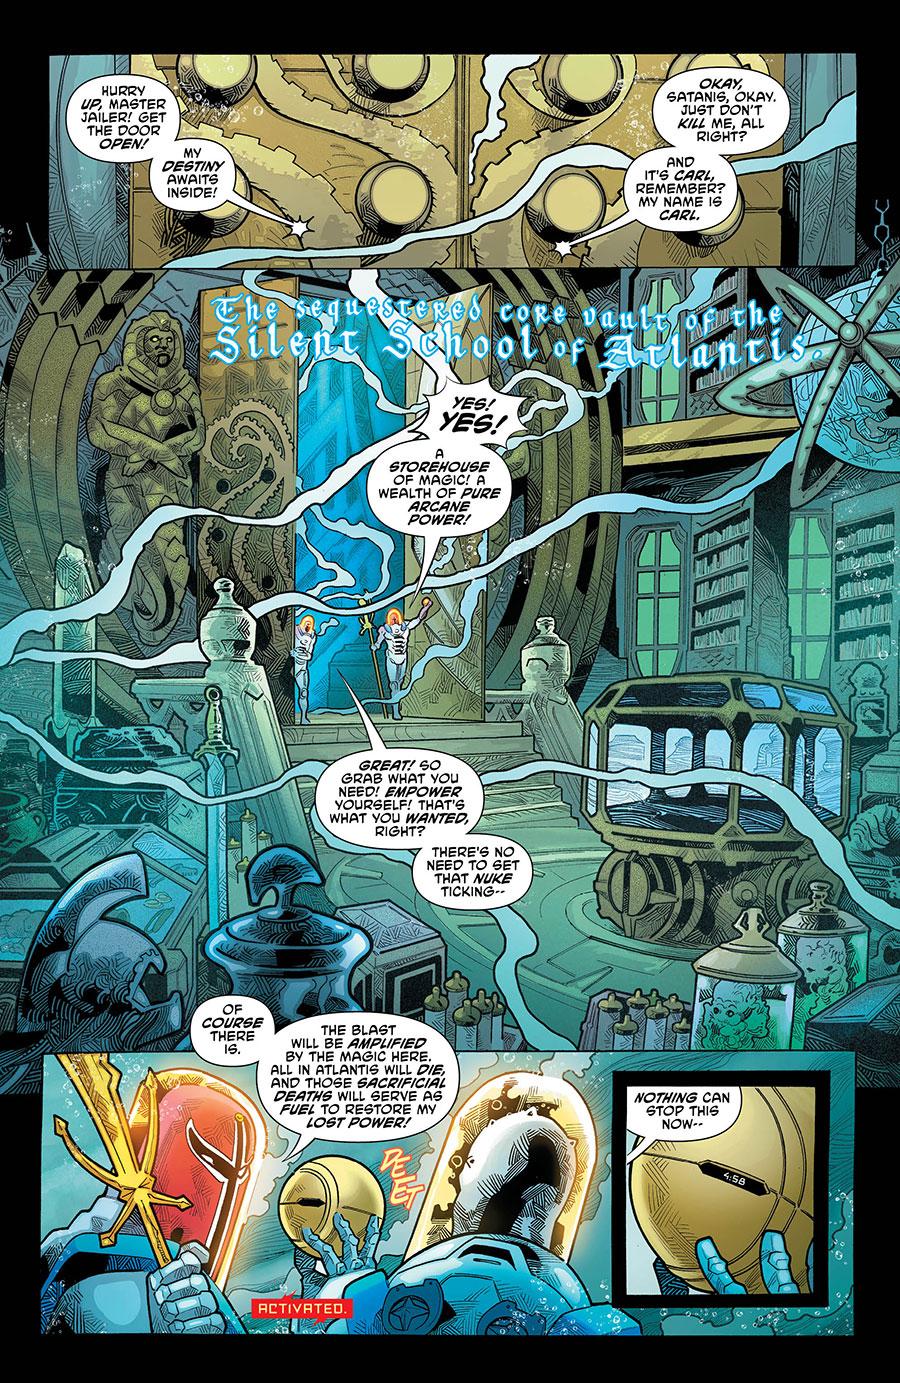 Aquaman 40_1 - DC Comics News